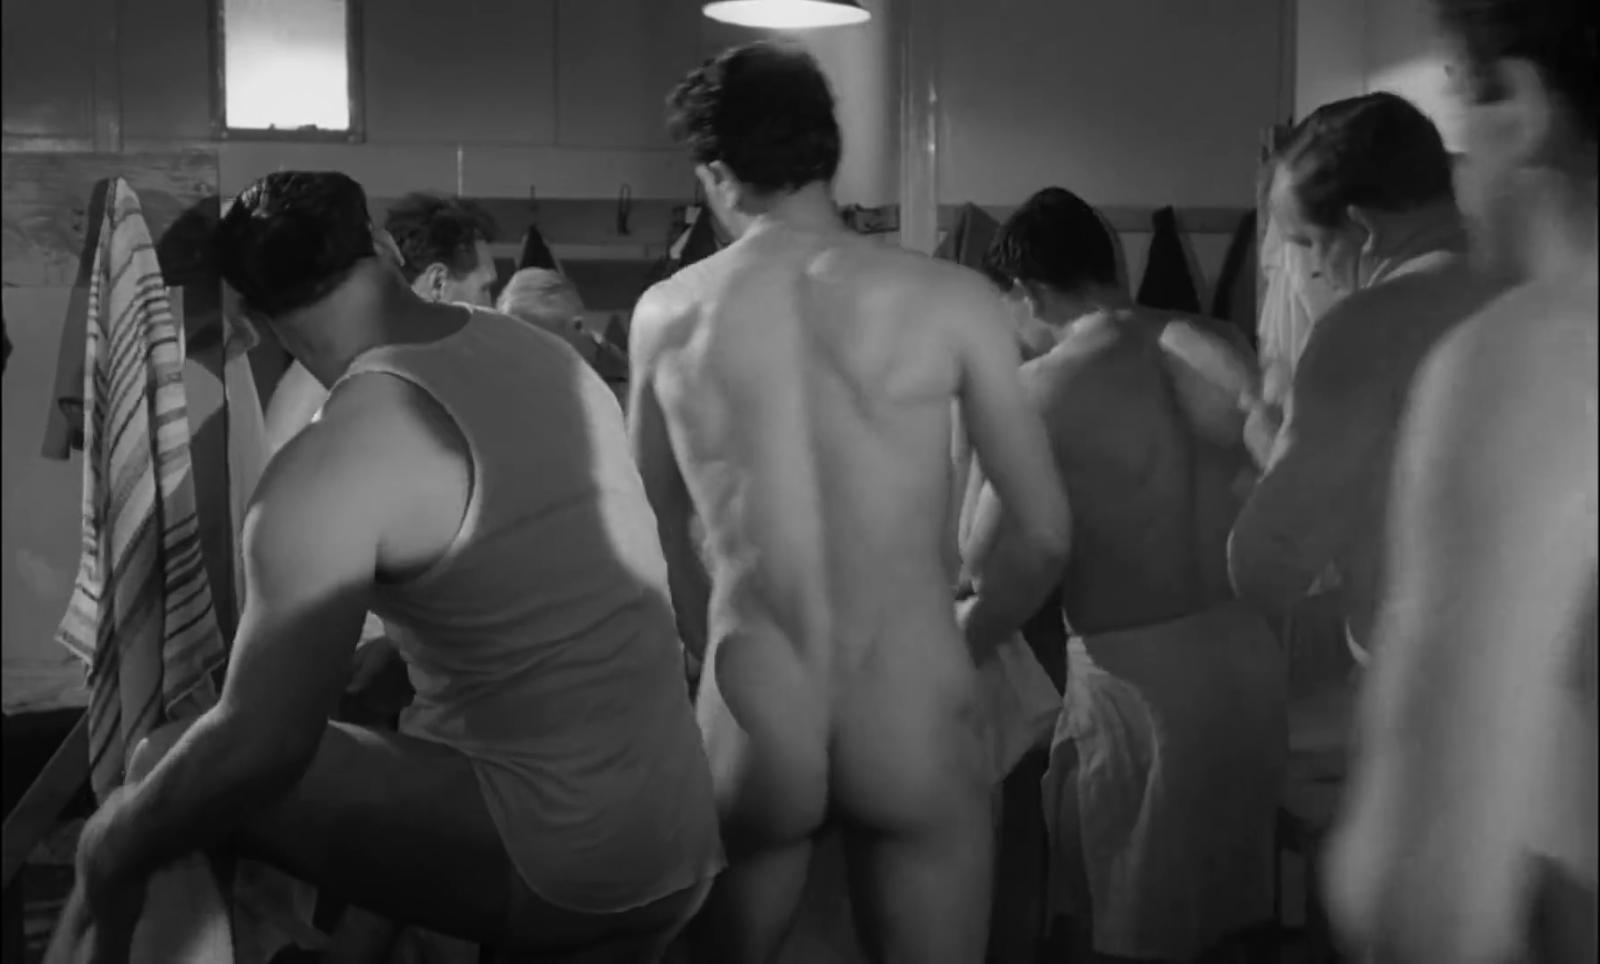 Naked Man In Shower  Hot Girl Hd Wallpaper-8503